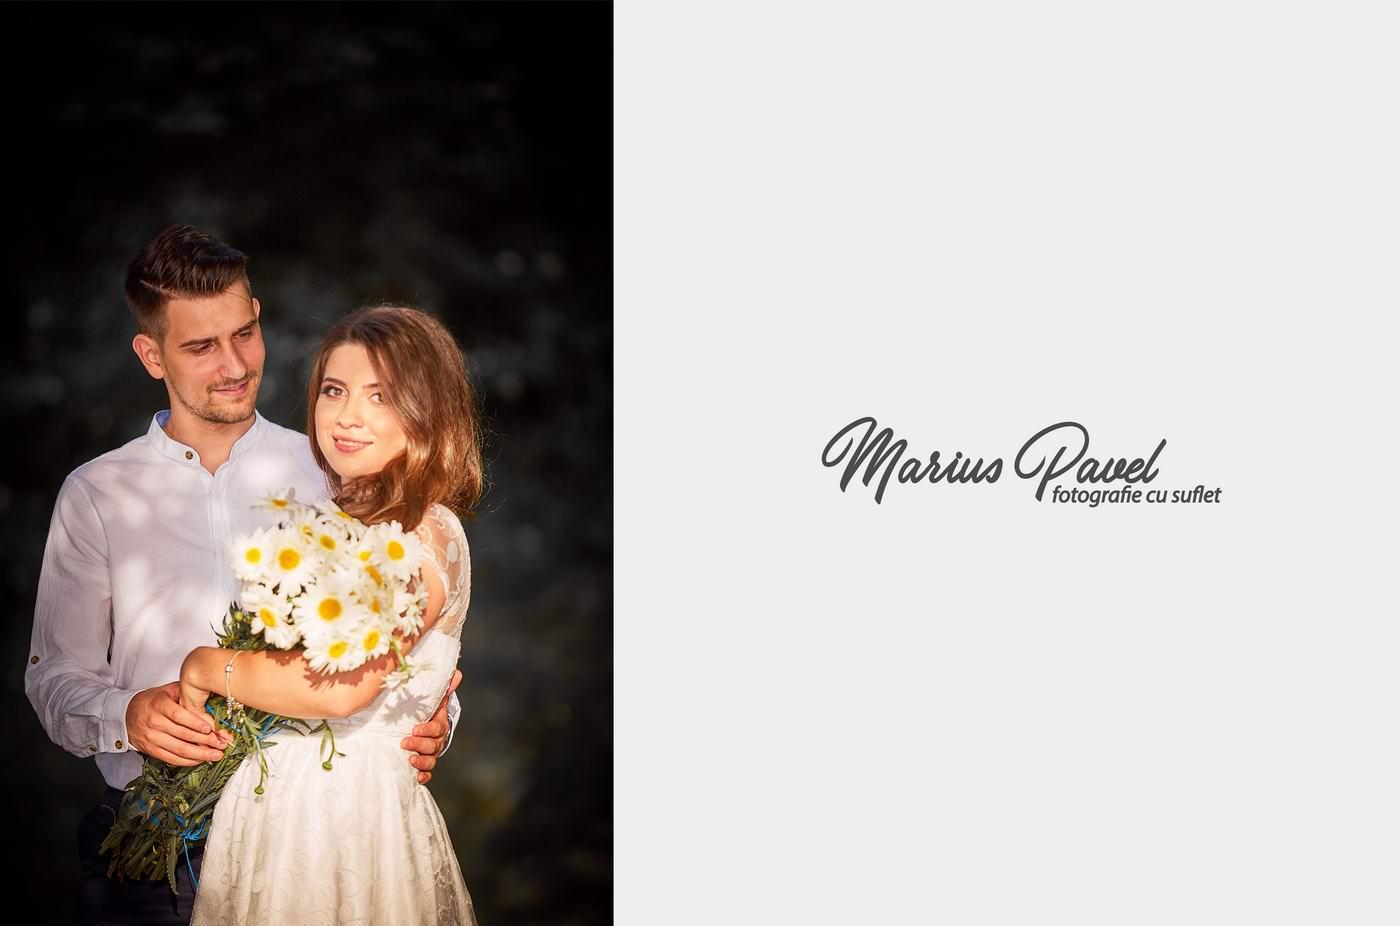 Fotografii De Cuplu In Grau (4)